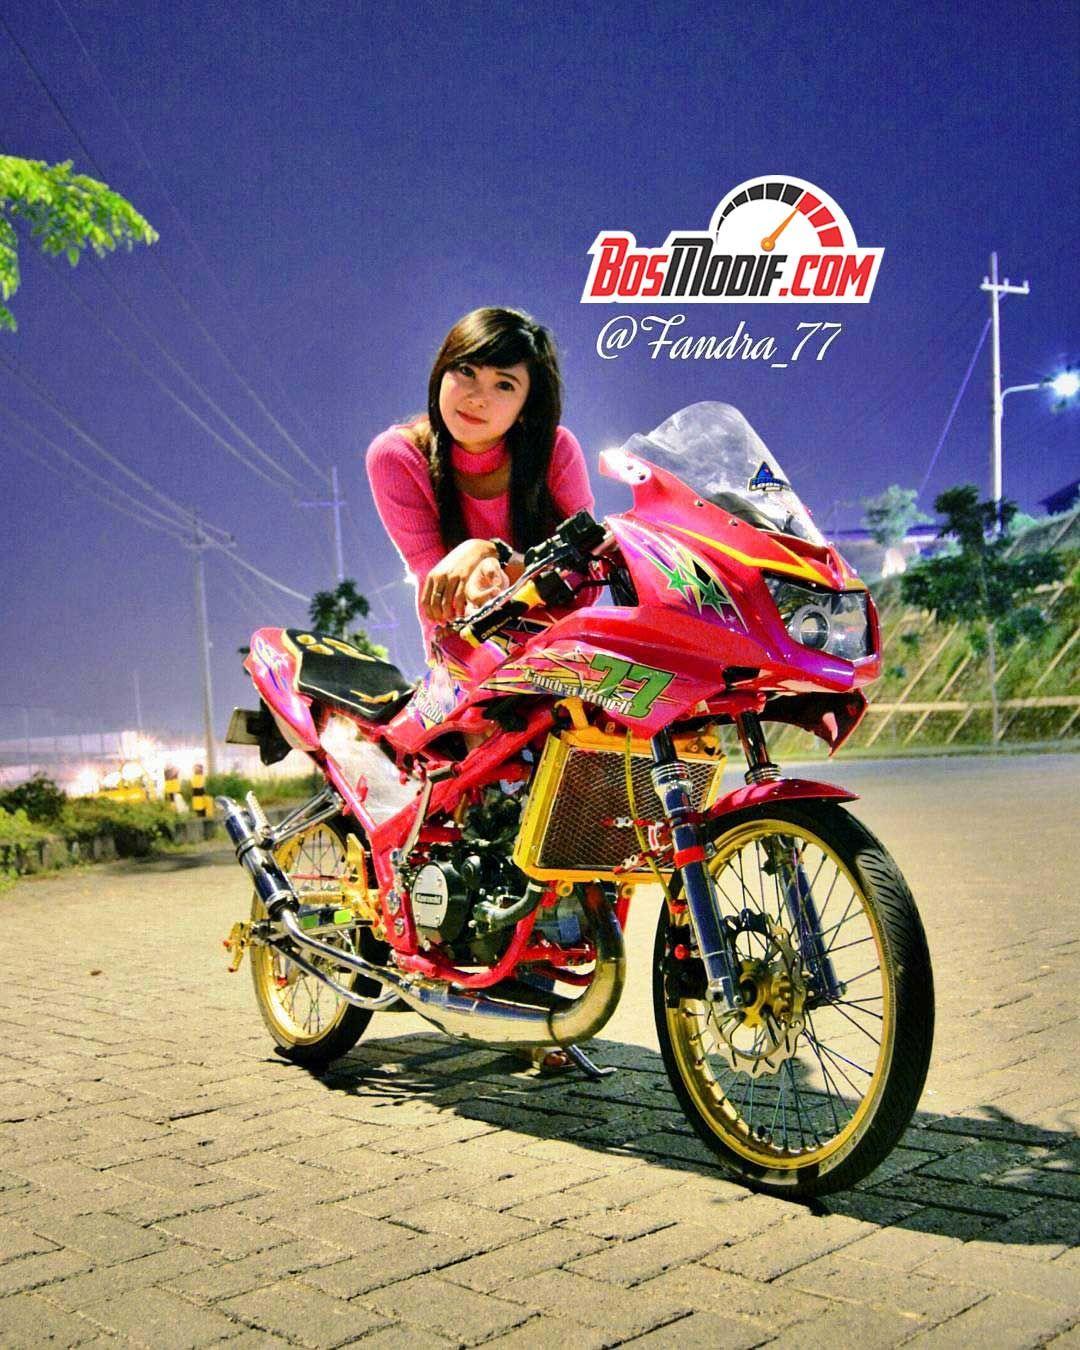 30 Foto Gambar Modifikasi Motor Kawasaki Ninja Dan Cewek Warna